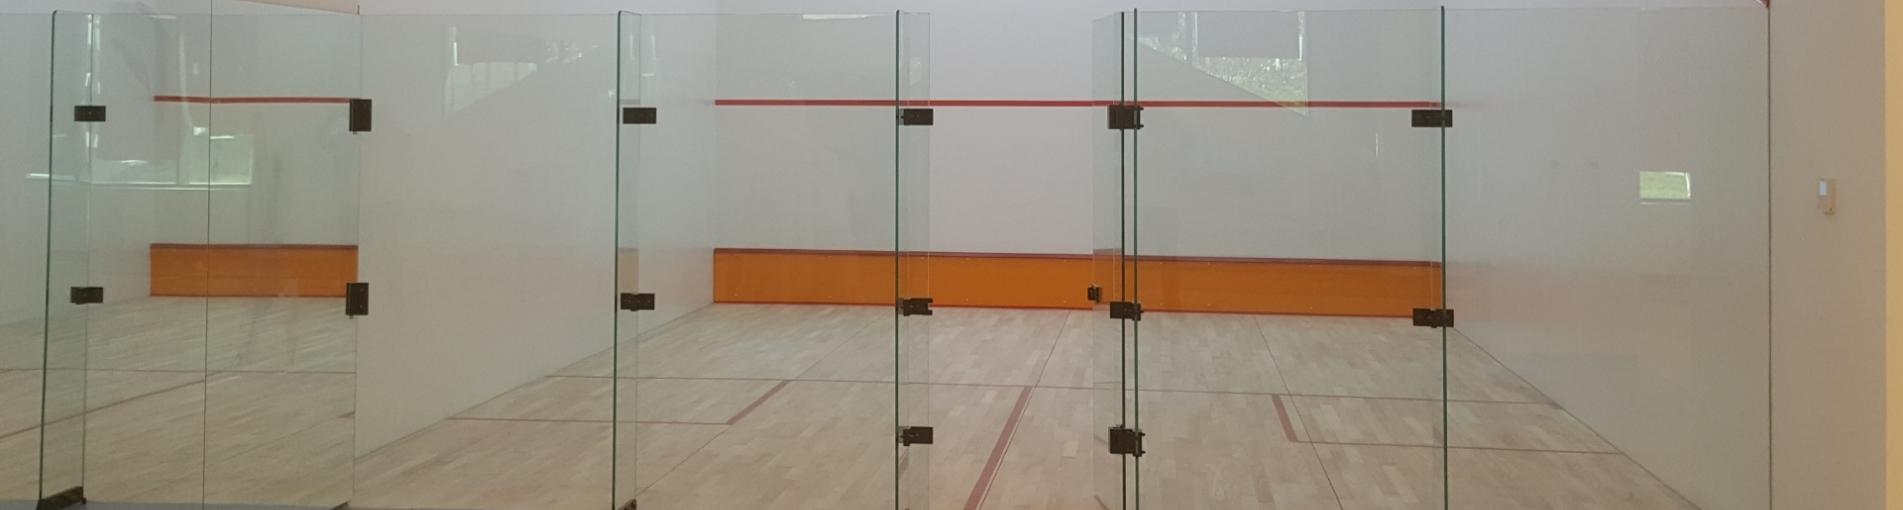 Pour le coût de construction de la salle de squash